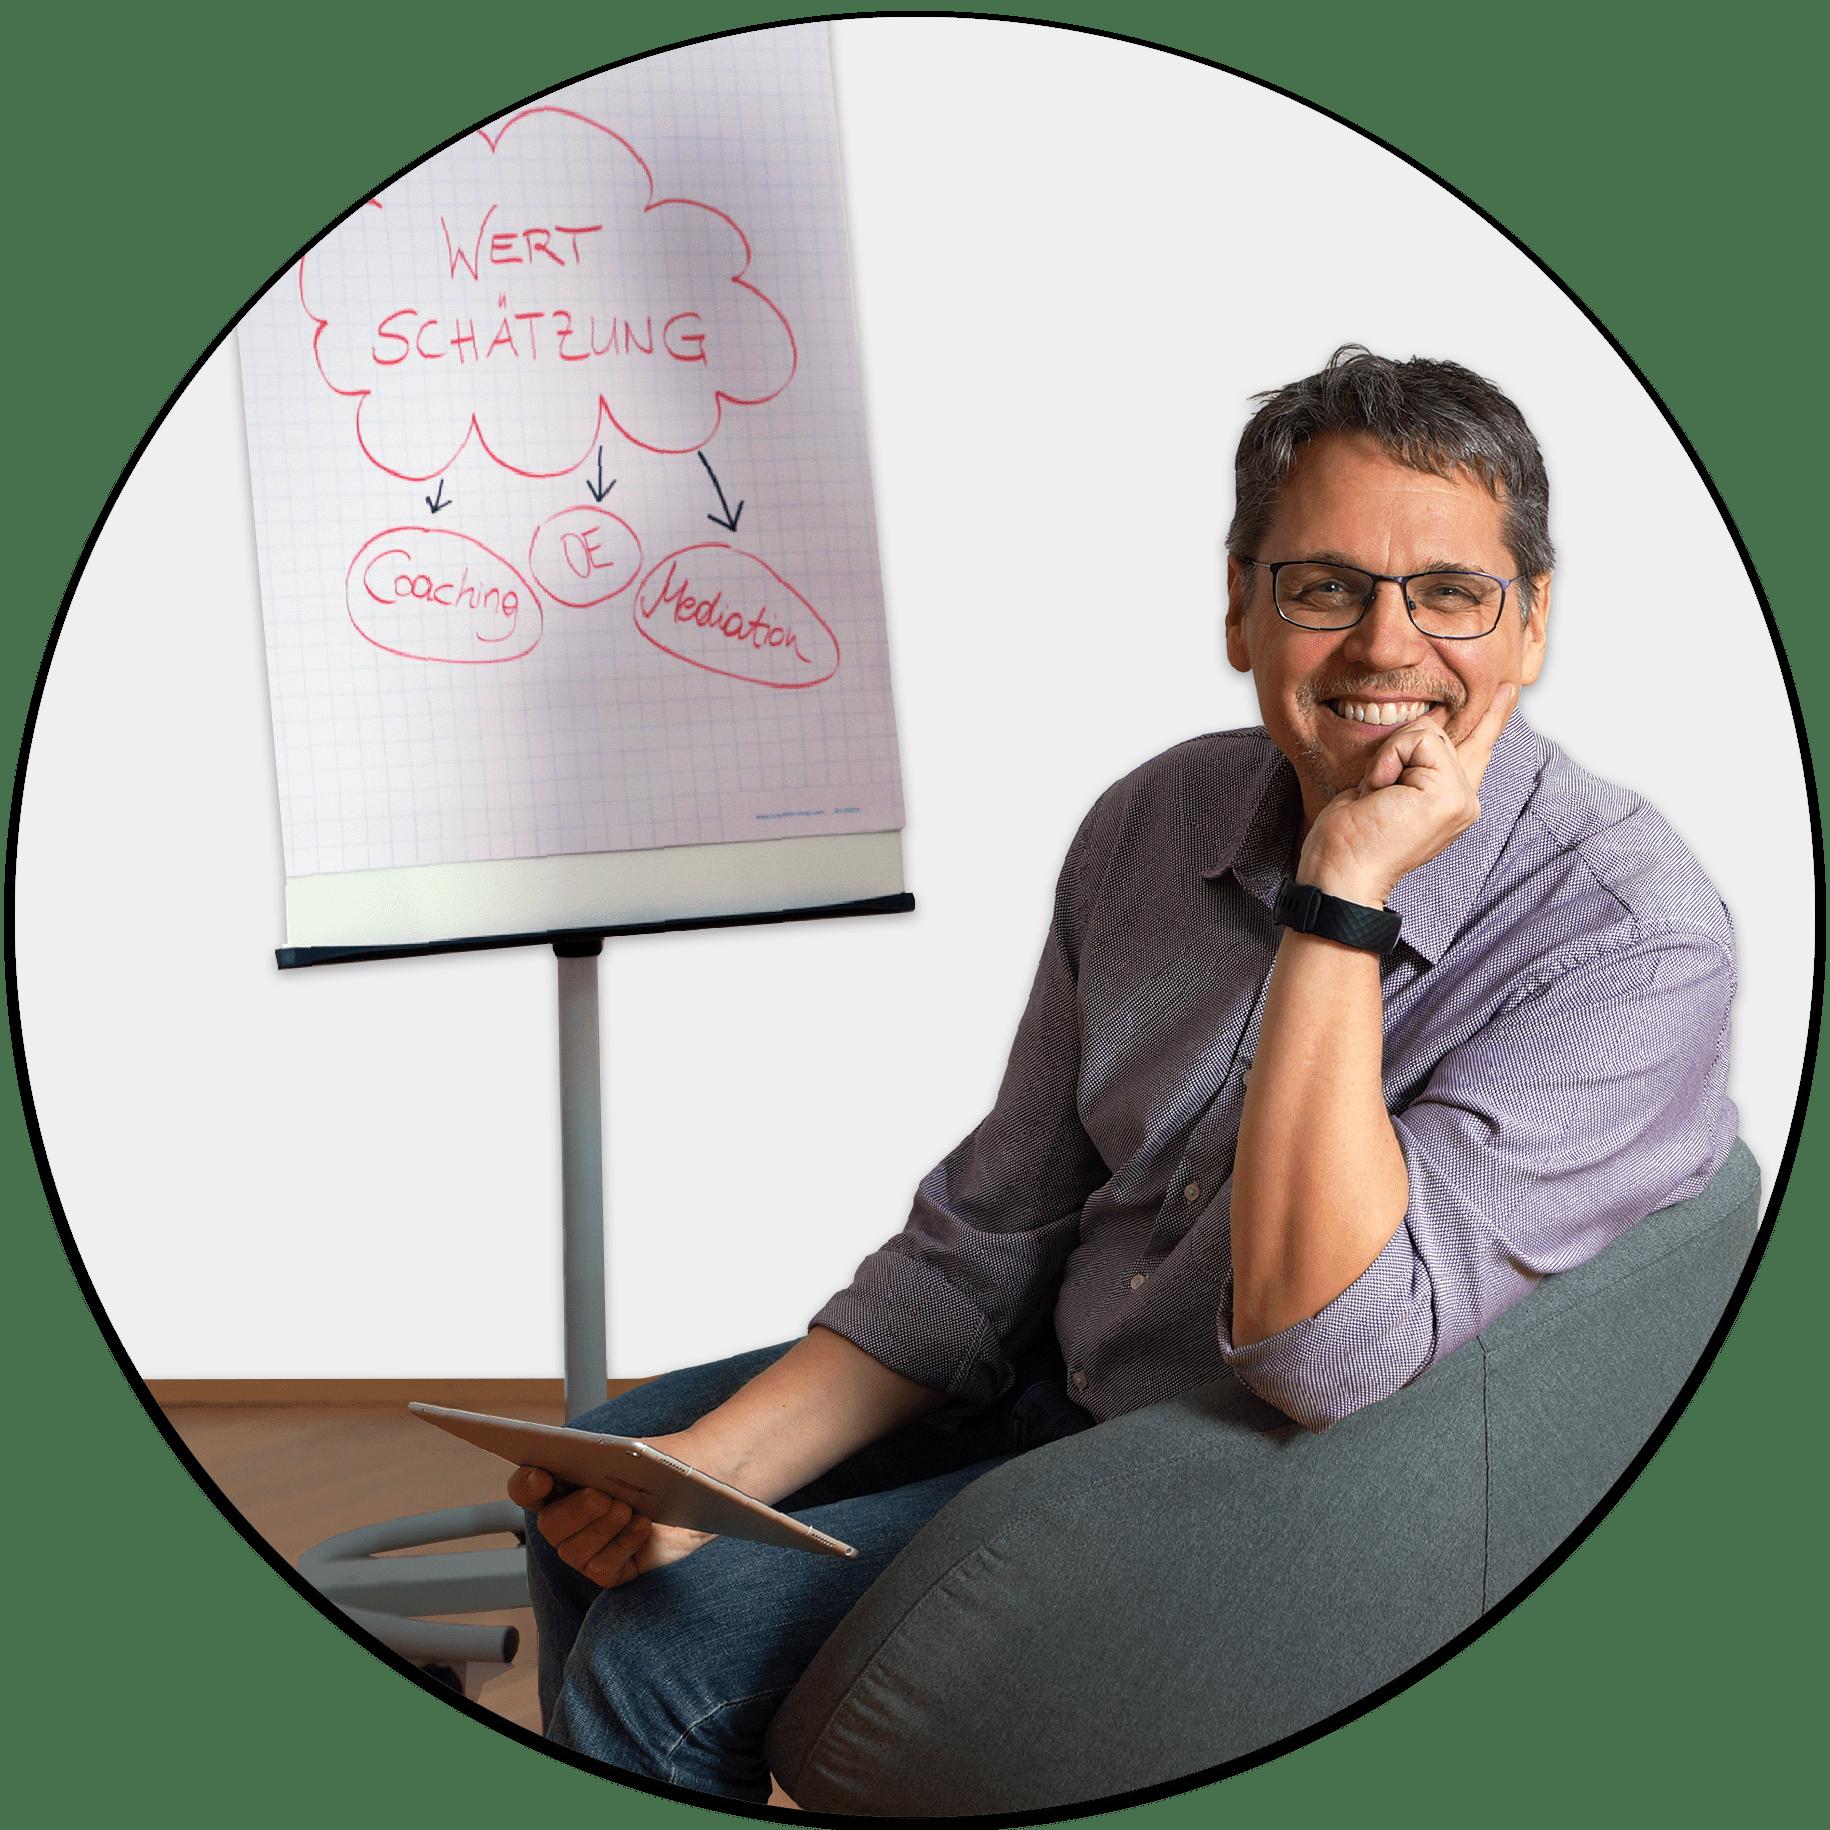 Alfred Schierer sitzend. Im Hintergrund Flipchart mit folgendem Inhalt: Wertschätzung. Coaching, Organisationsberatung, Mediation